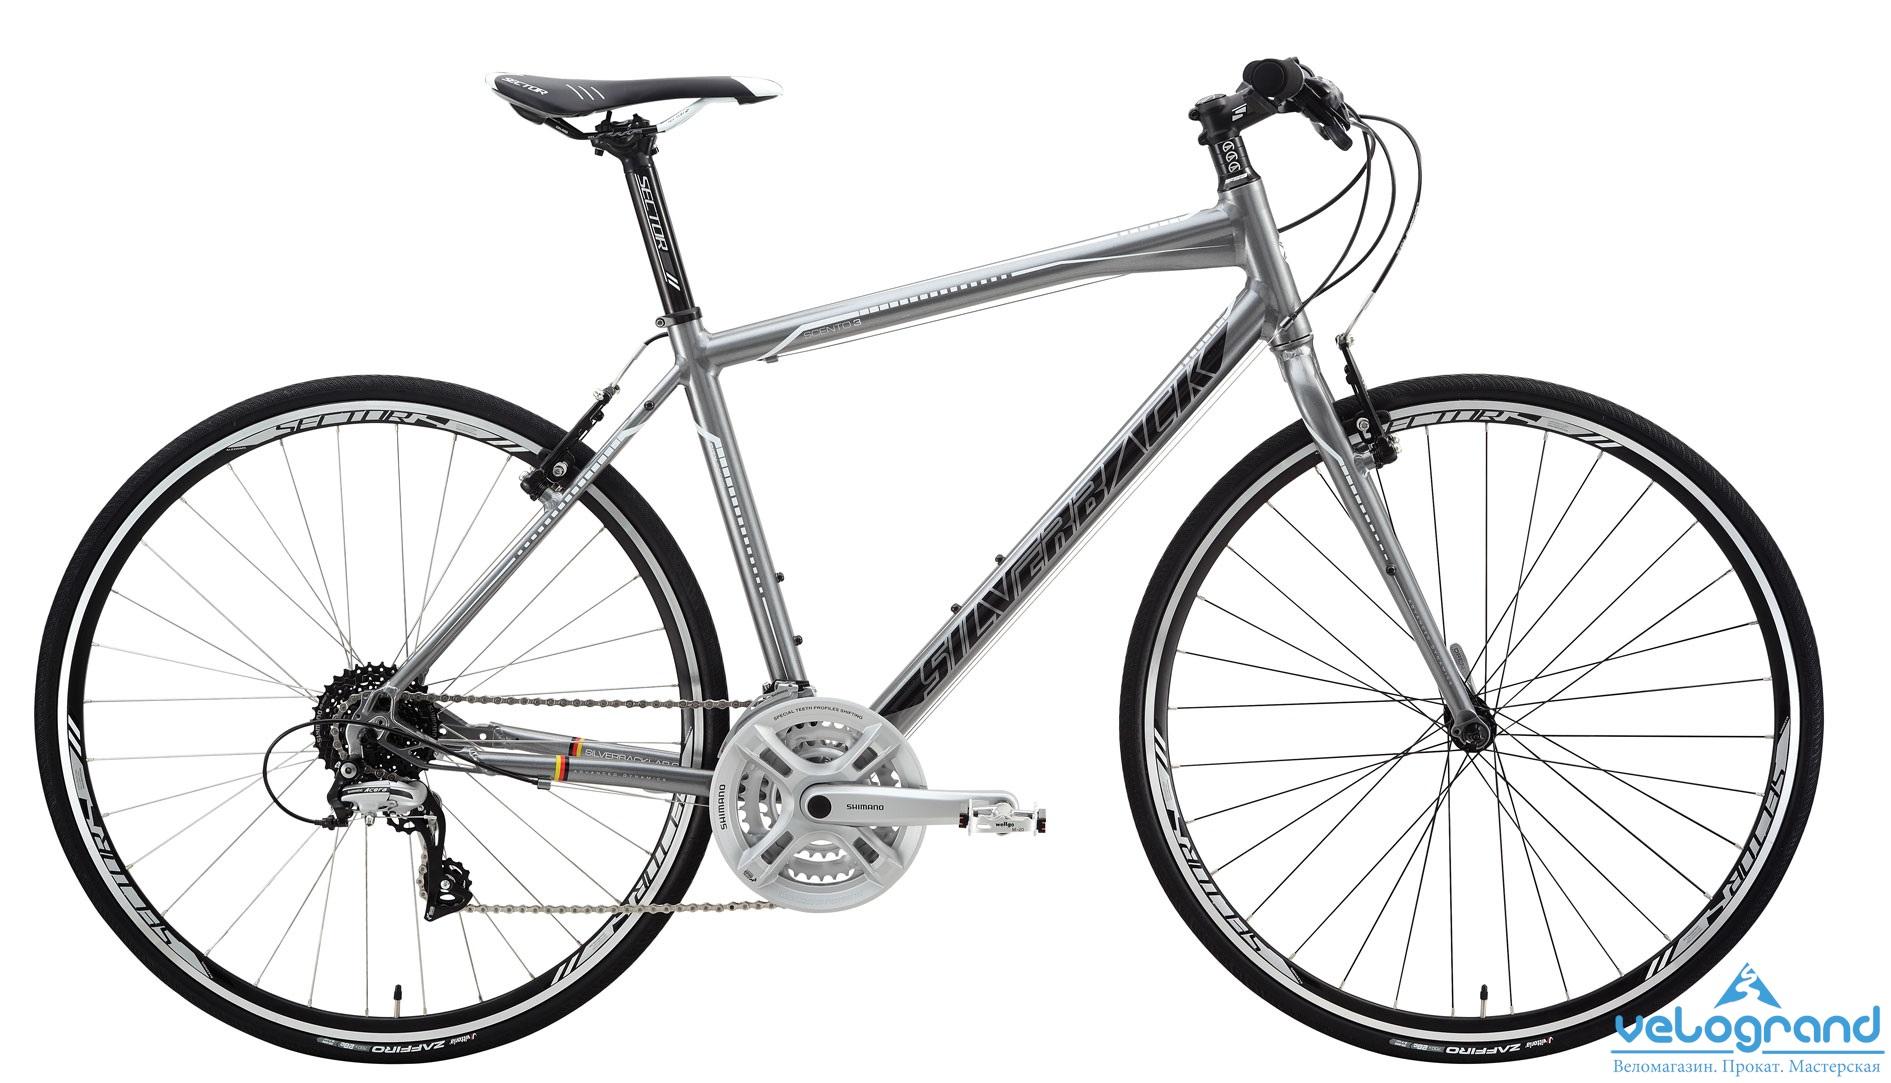 Городской велосипед Silverback Scento 3 (2015), Цвет Серый, Размер 21